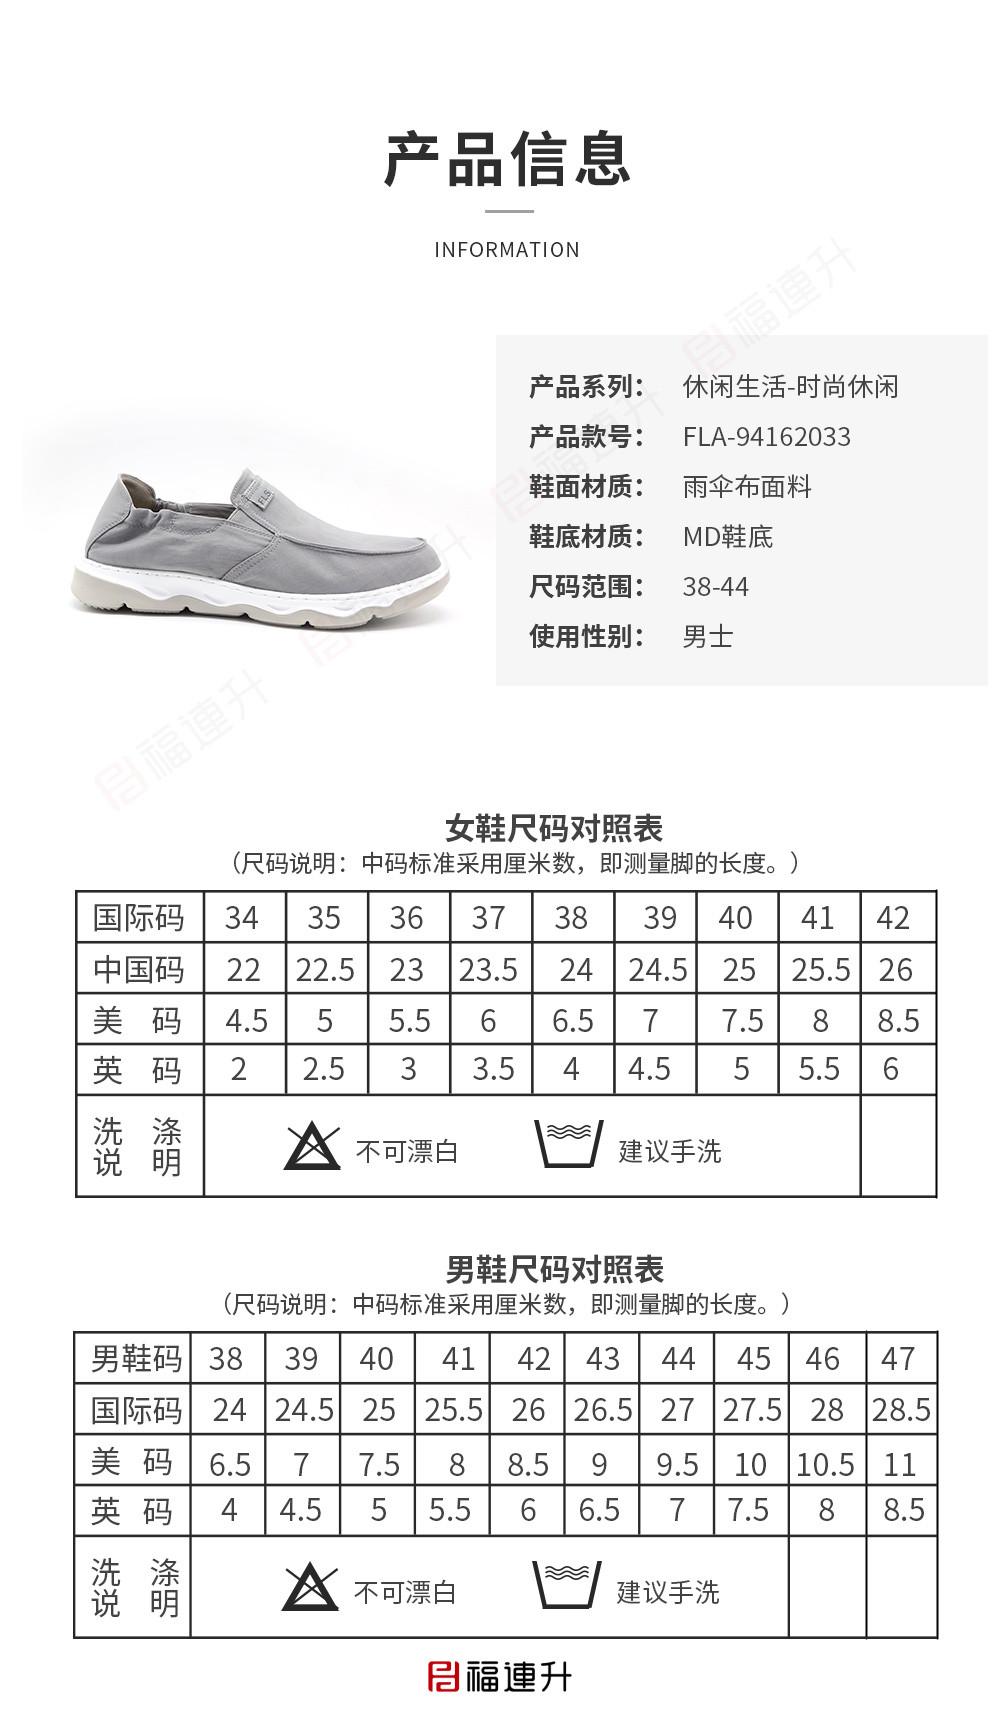 福连升老北京布鞋男鞋秋季舒适休闲鞋轻便软底一脚蹬图片